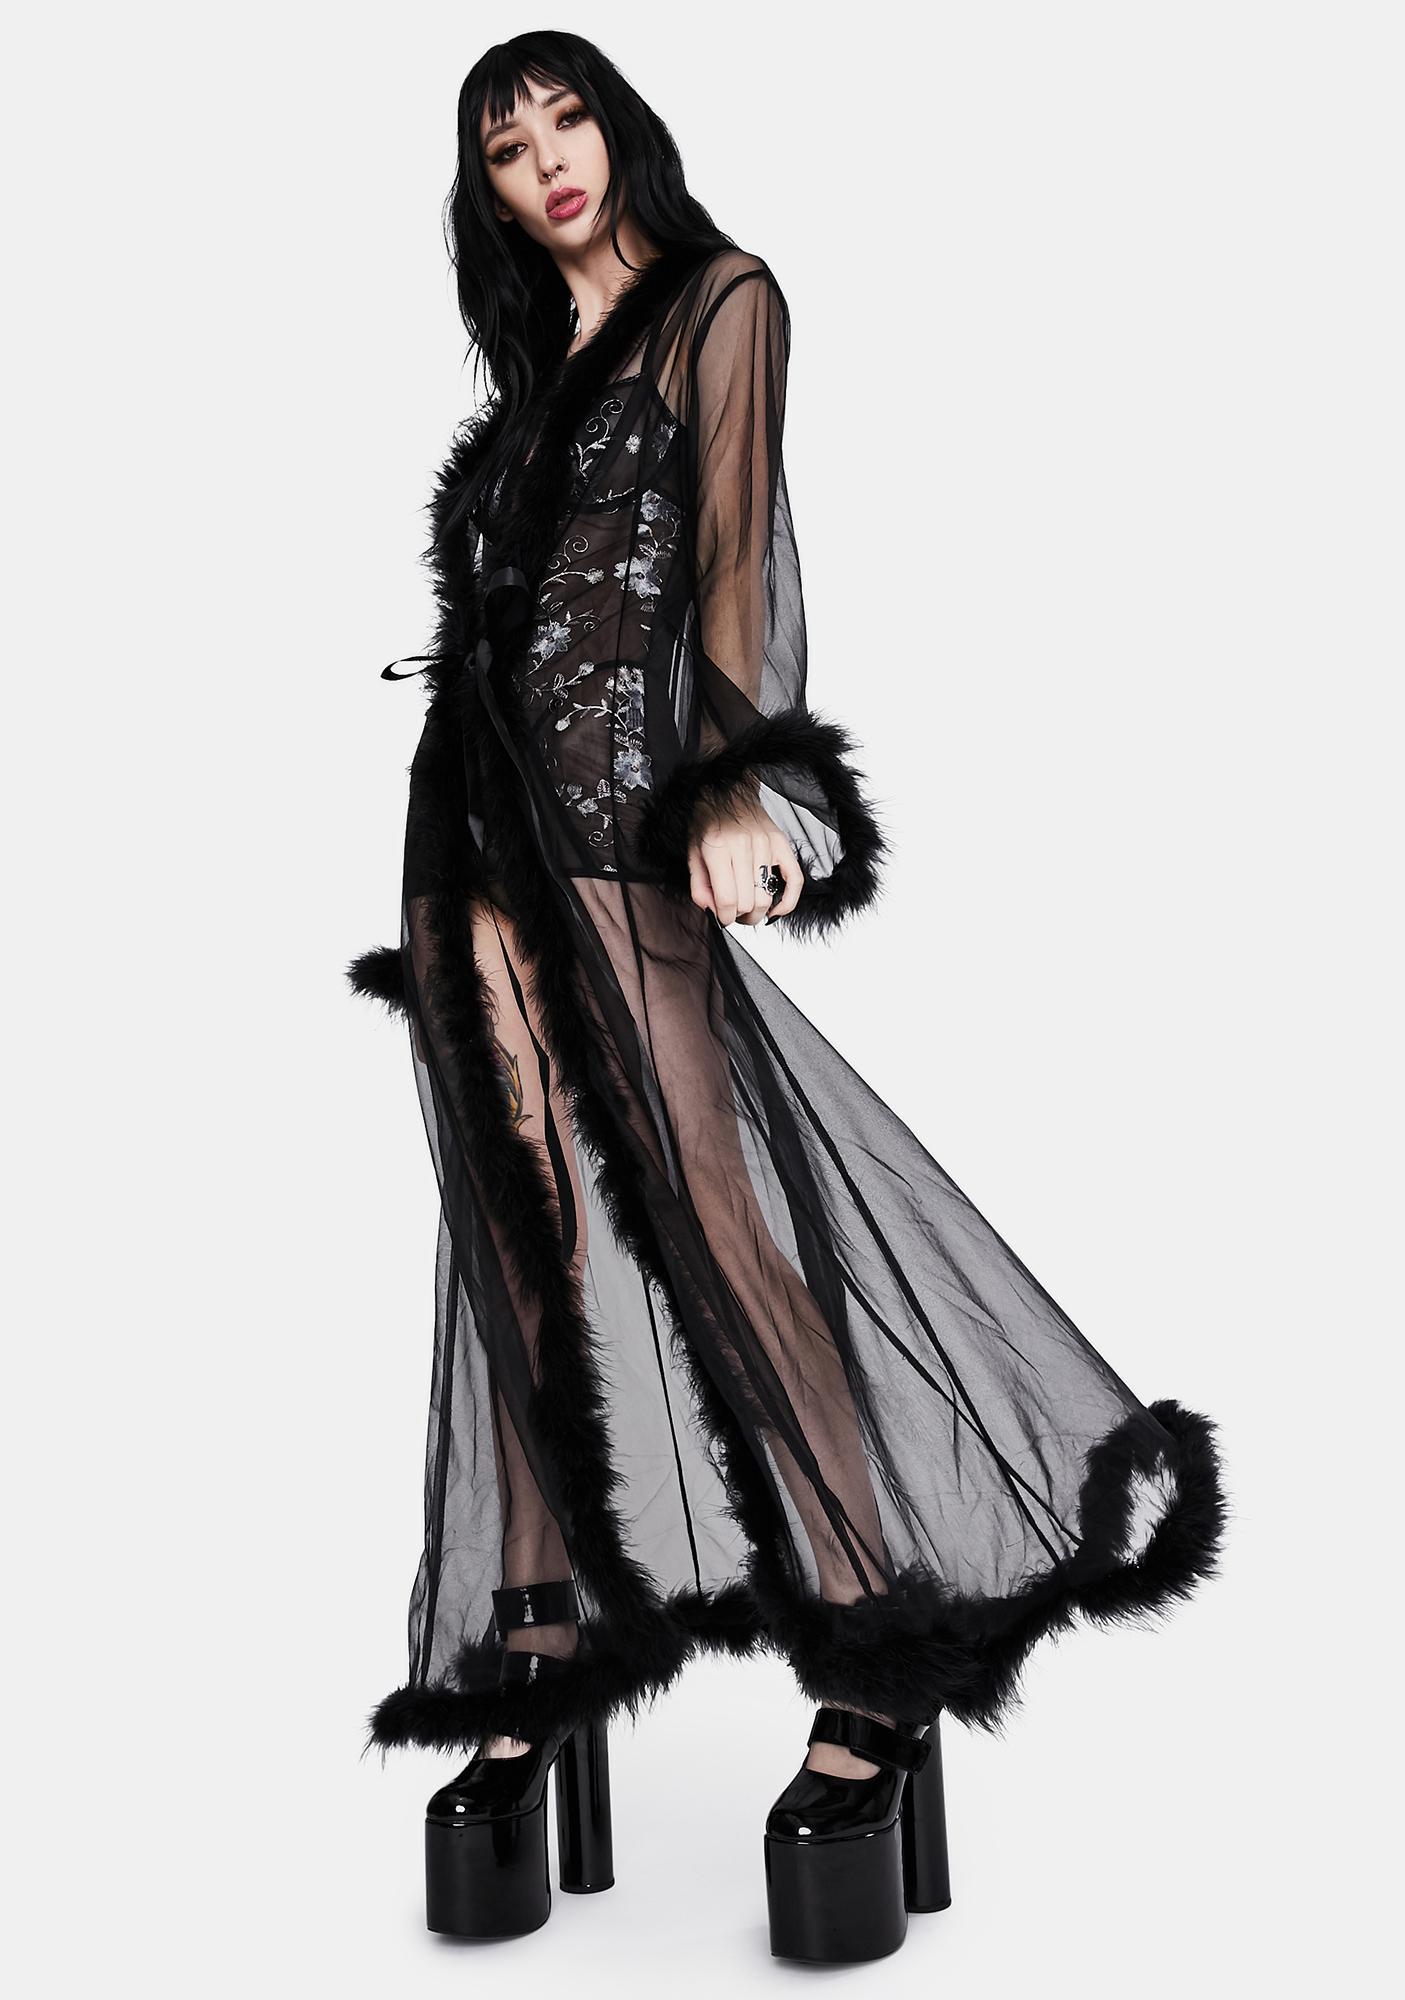 Noir Mistress in Marabou Long Robe